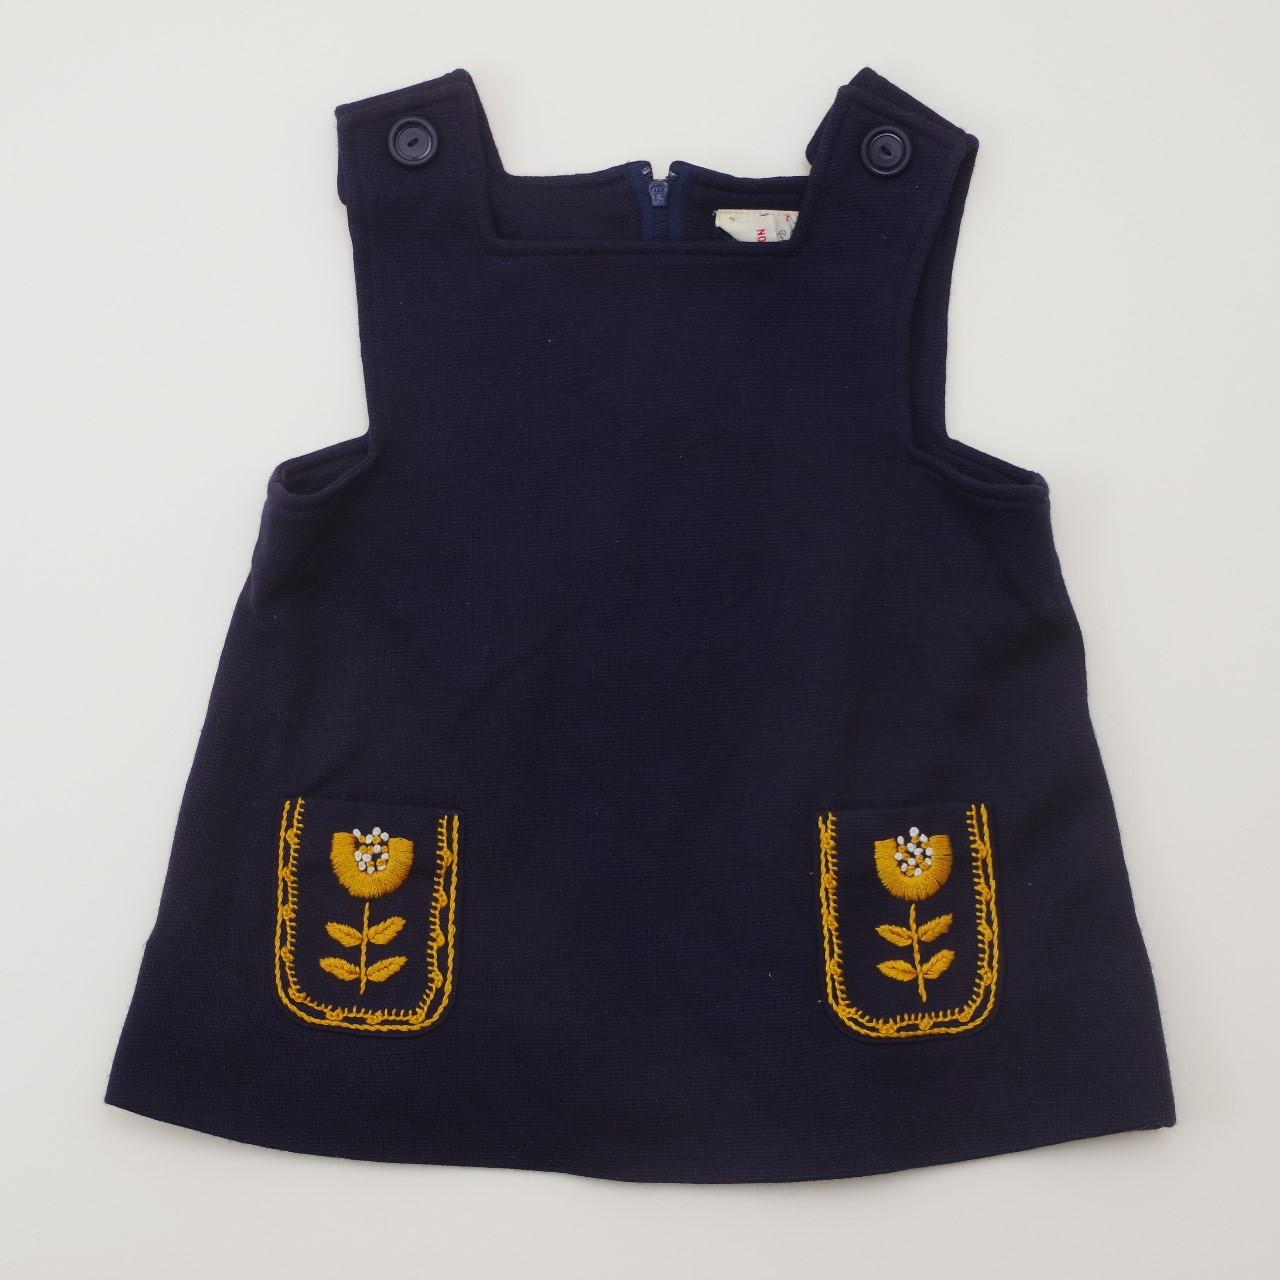 レトロ チャイルド 刺繍つき ジャンパースカート 1-2才用 ネイビー (1905-3218)